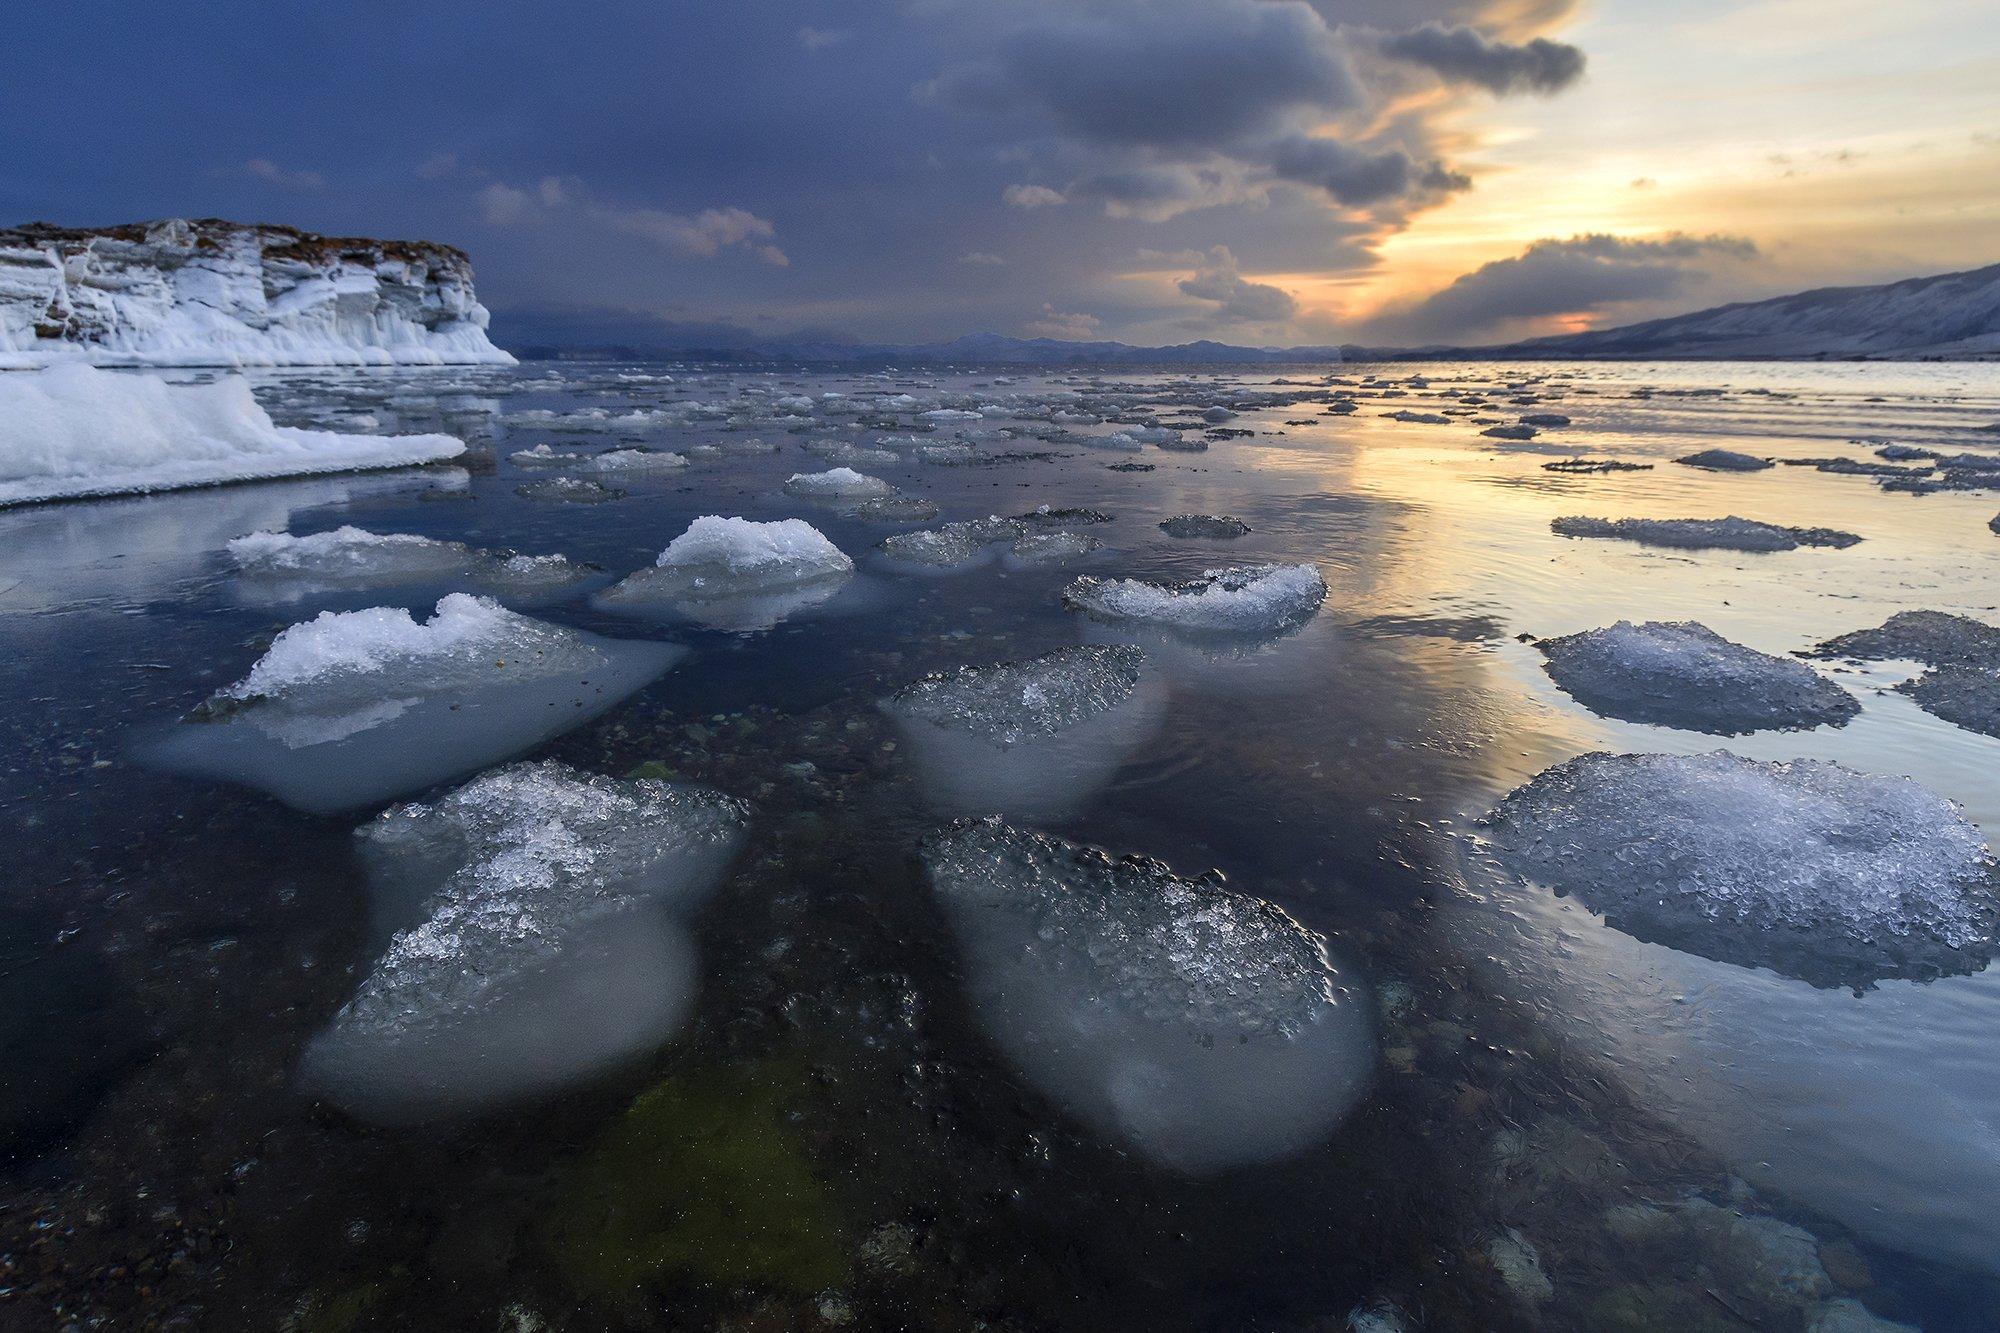 байкал, лед, закат, снег, вода, природа, Елена Вторушина